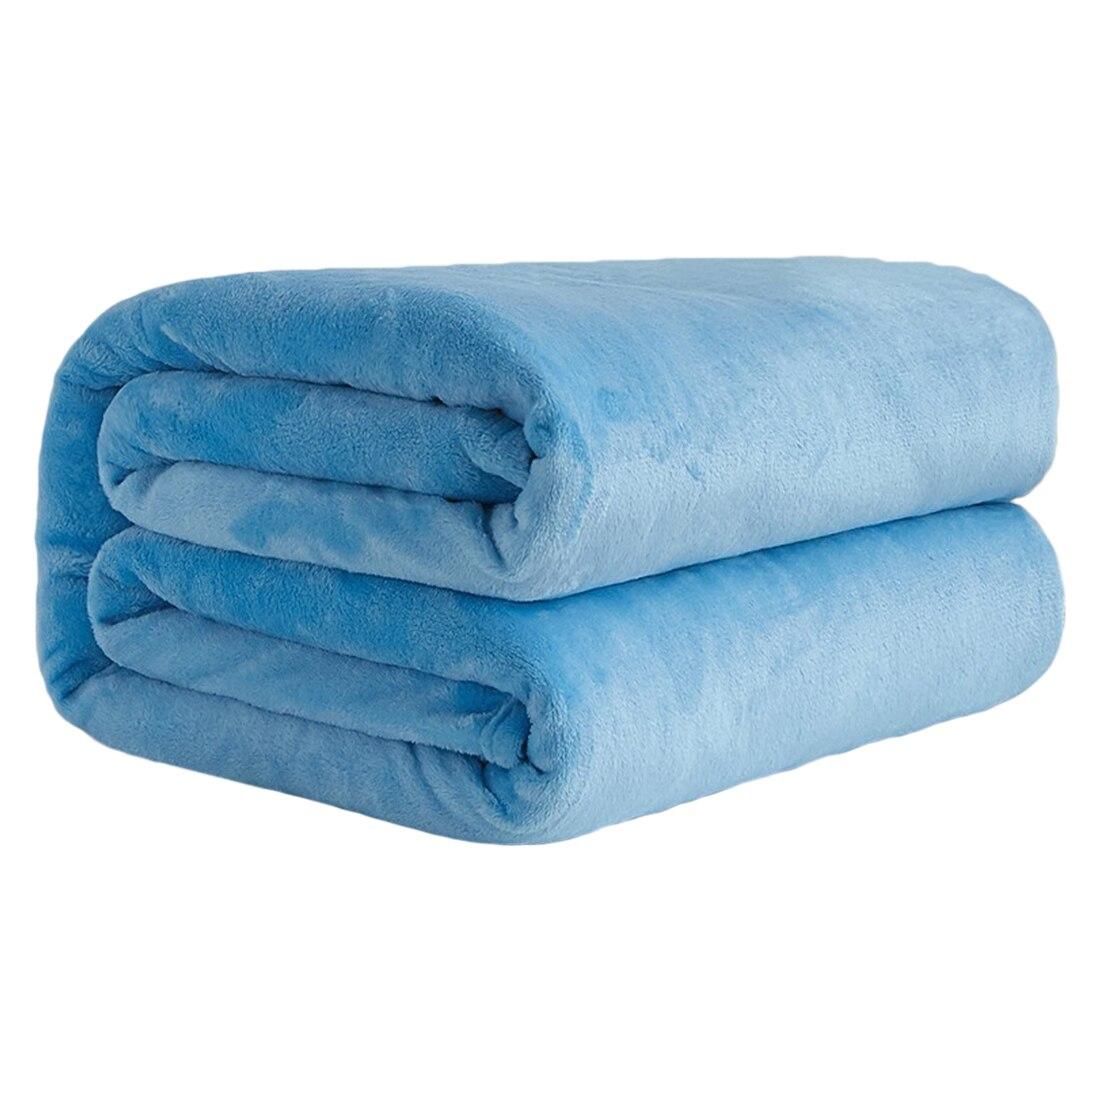 Manta de invierno para adultos colcha sofá cama cubierta edredón de franela coral polar manta cama cubierta caliente otoño lana popular